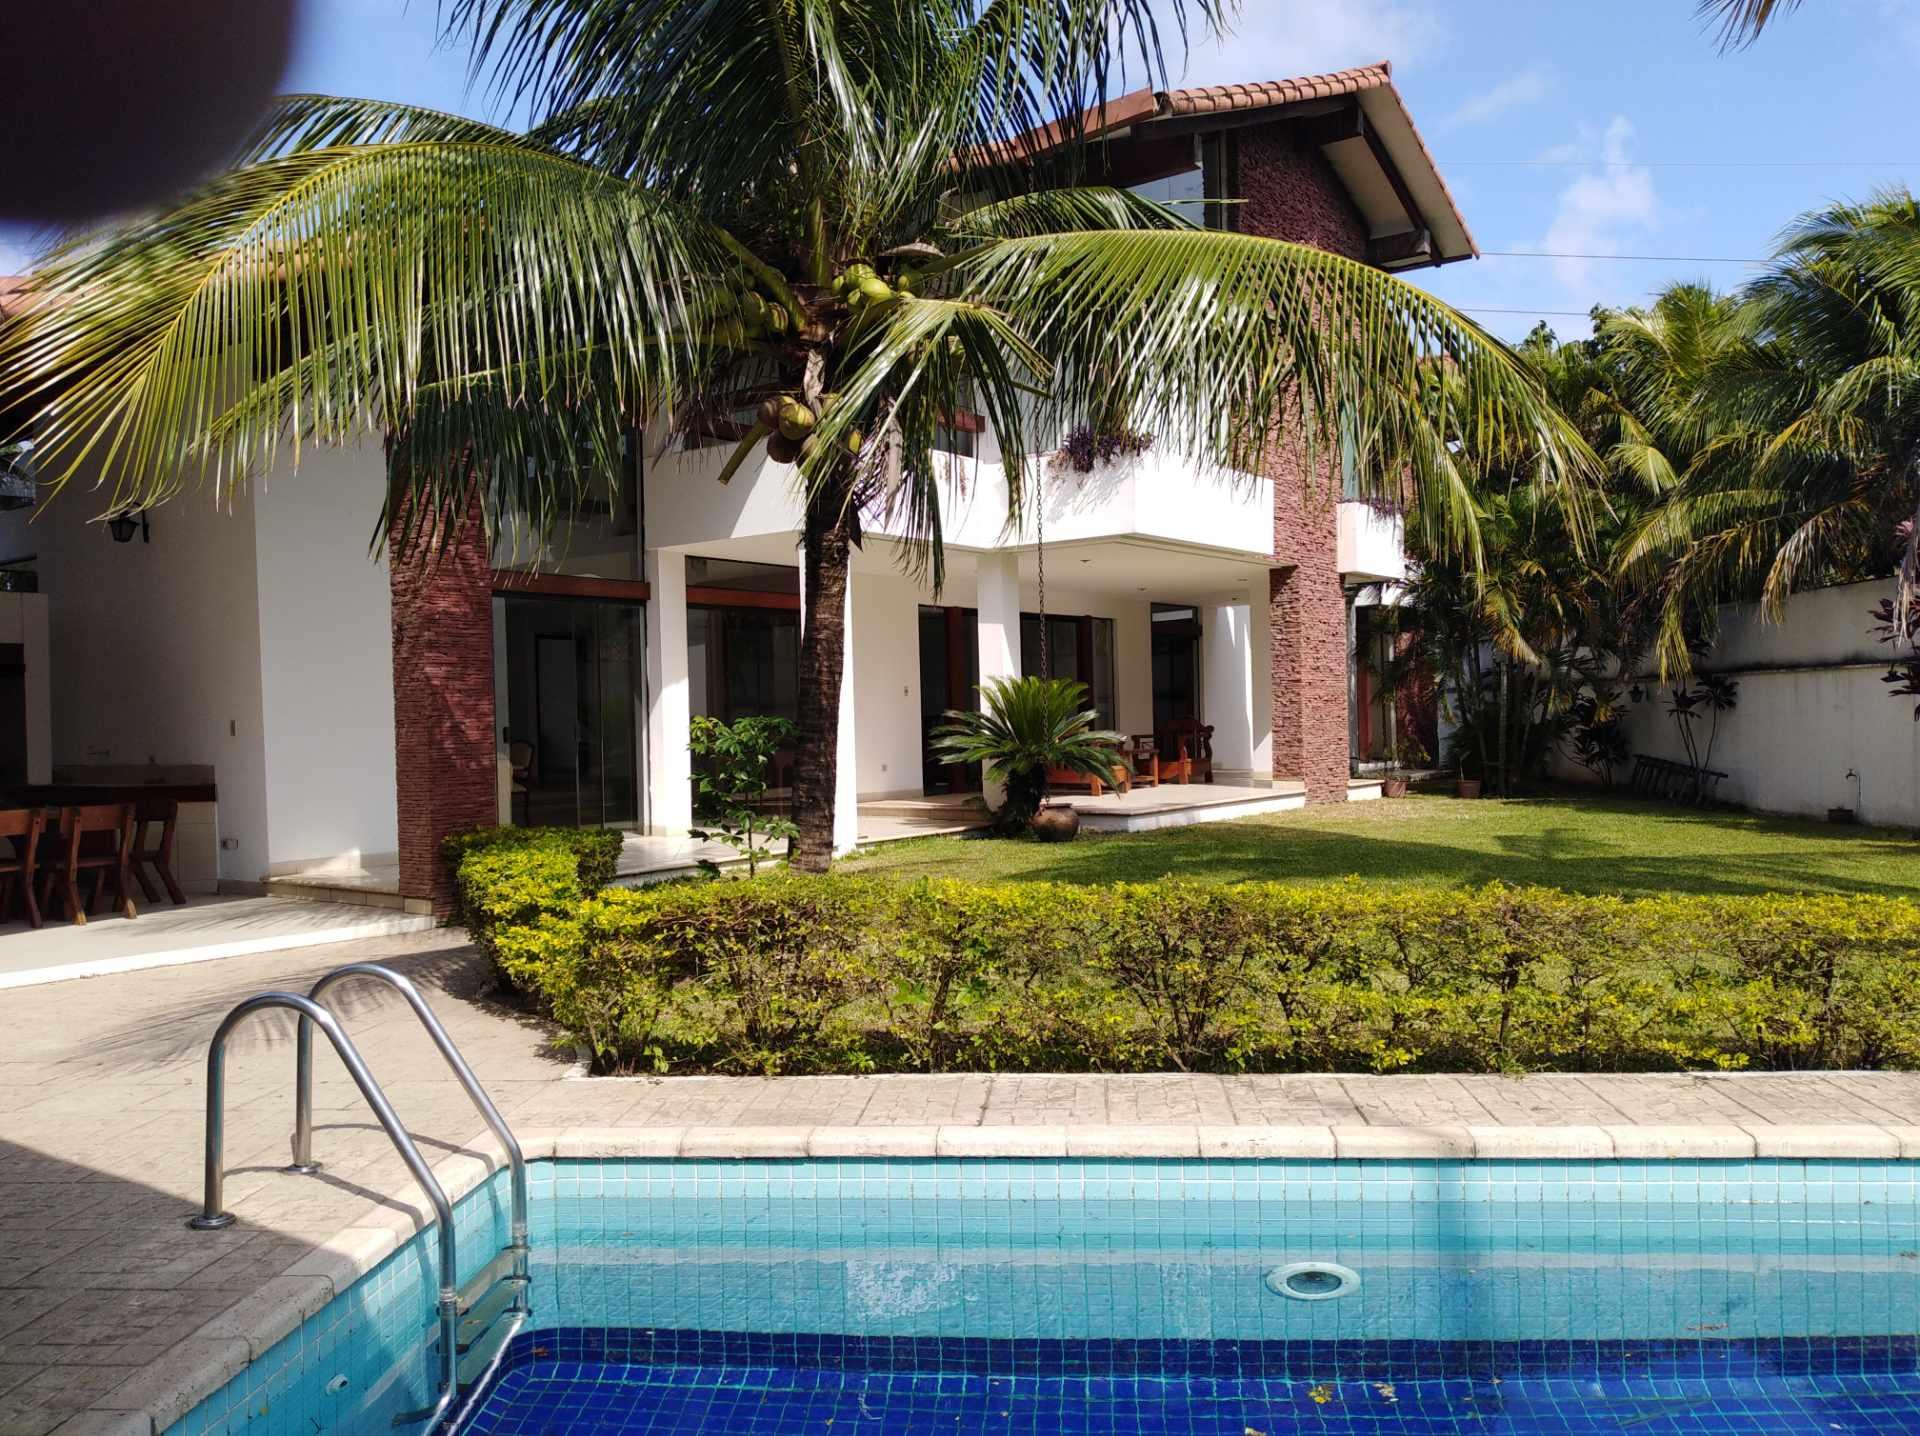 Casa en Alquiler BARRIO LAS PALMAS - AV. RADIAL CASTILLA Foto 2